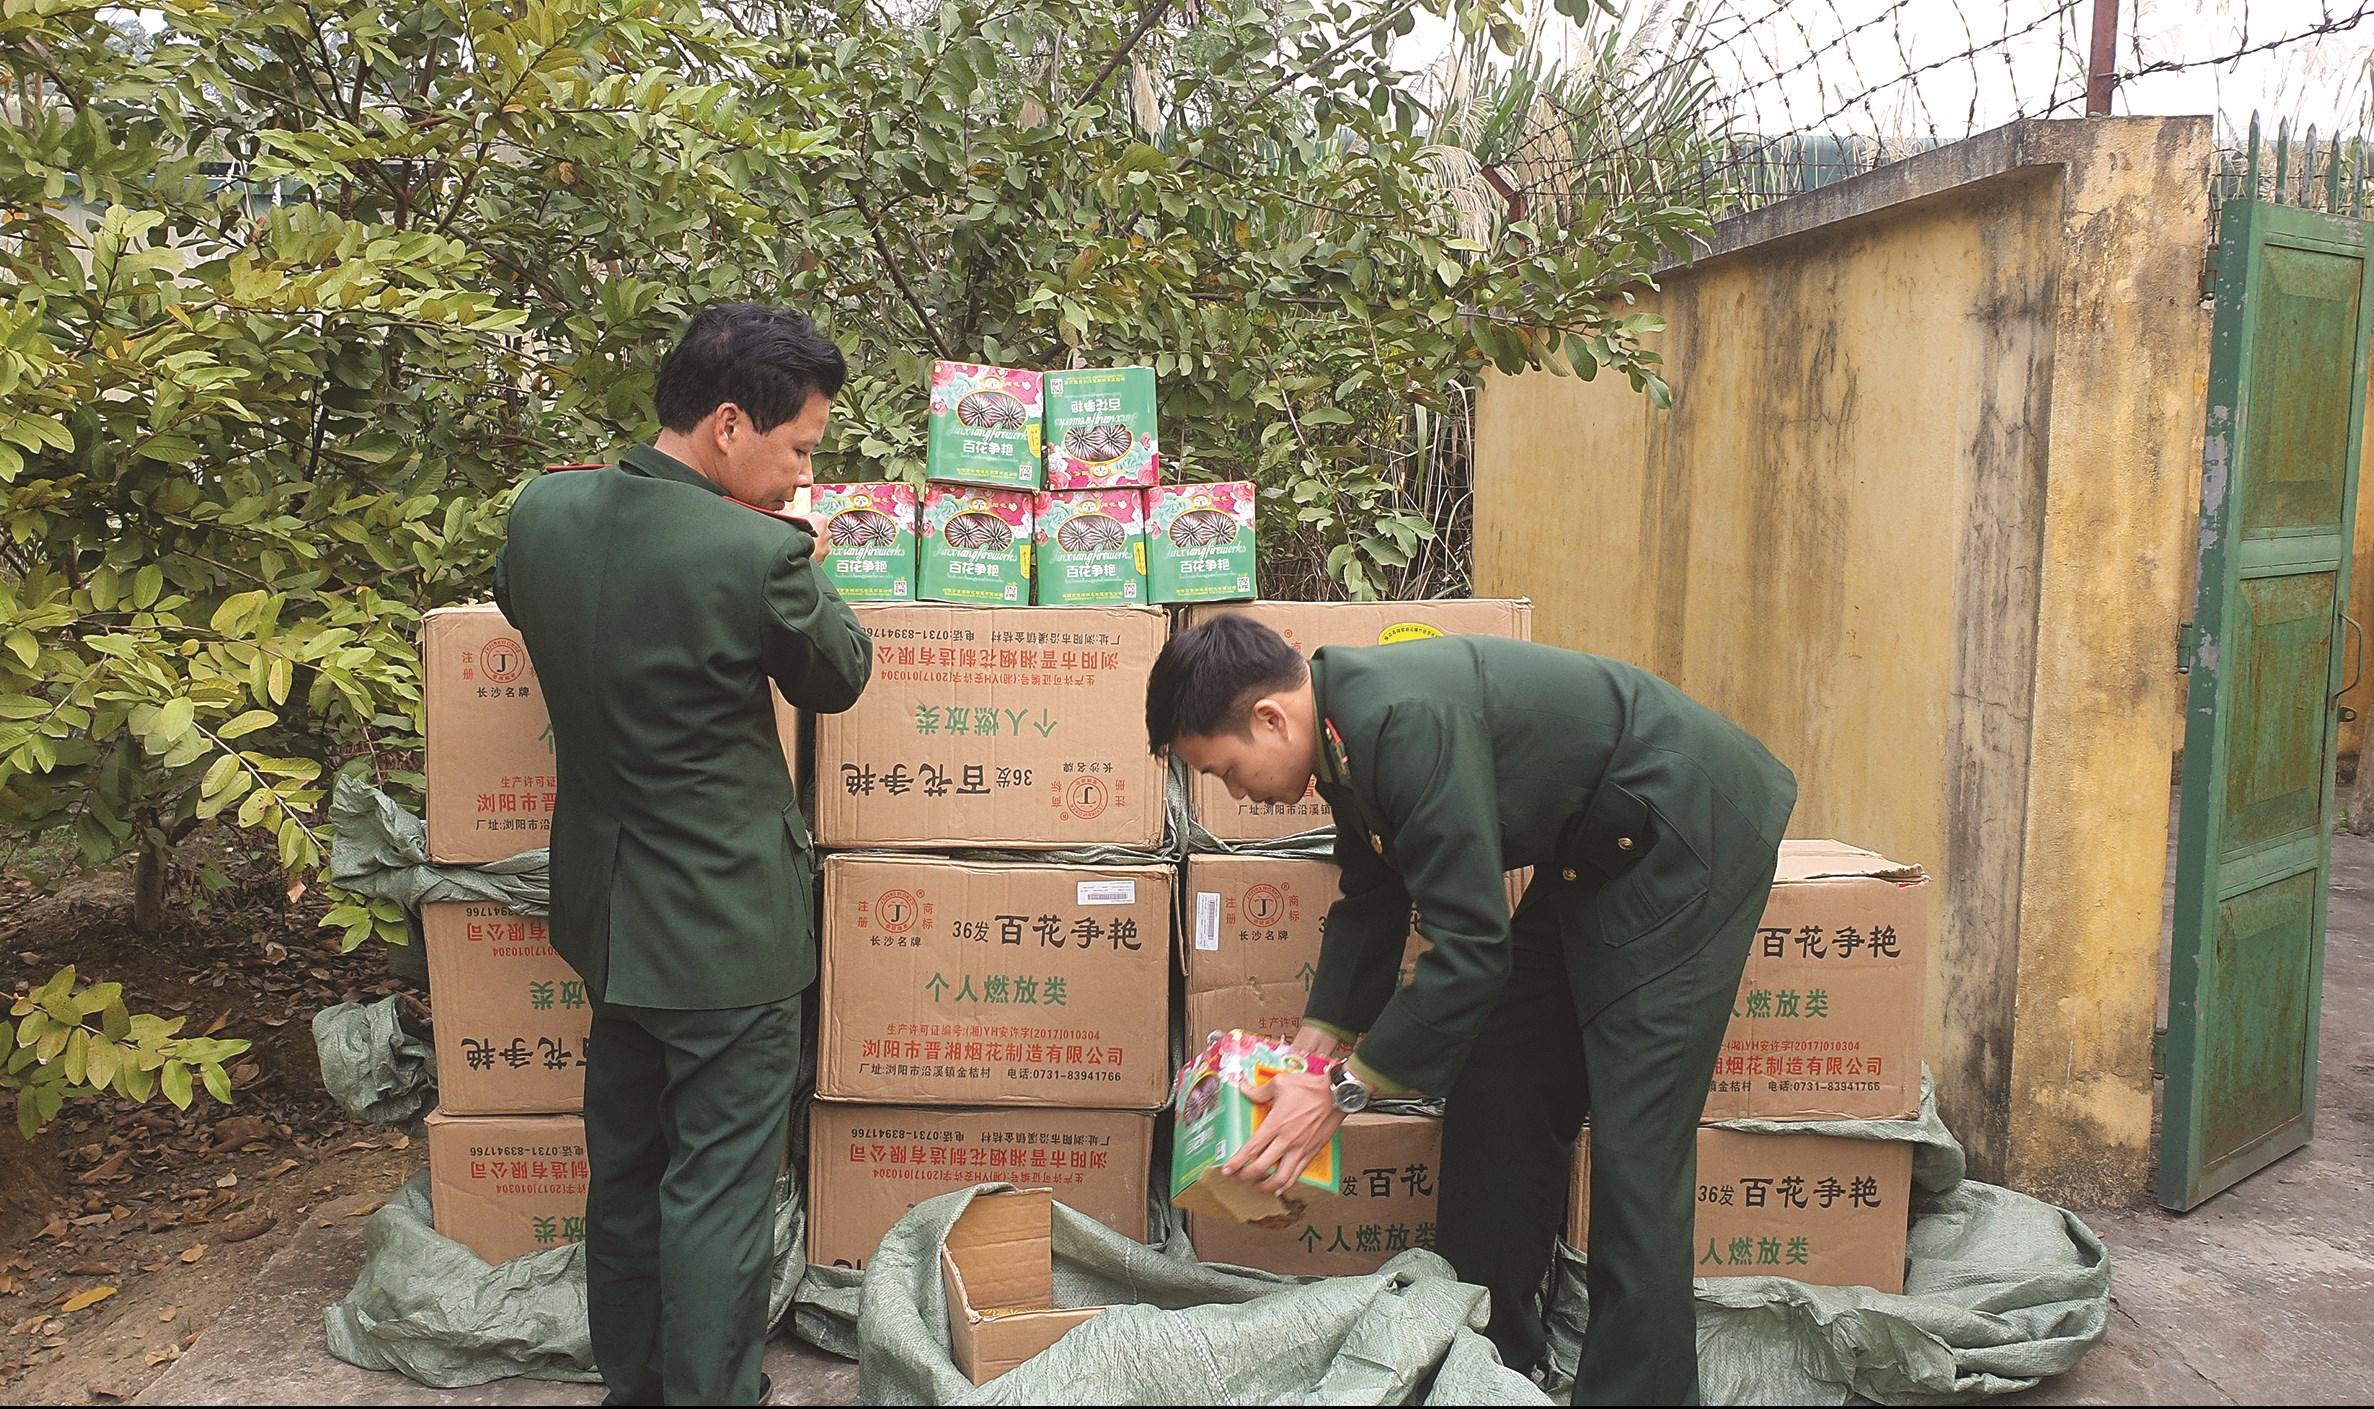 Hơn 600kg pháo hoa được ĐBP Cửa khẩu Quốc tế Lào Cai thu giữ ngày 3/1 vừa qua